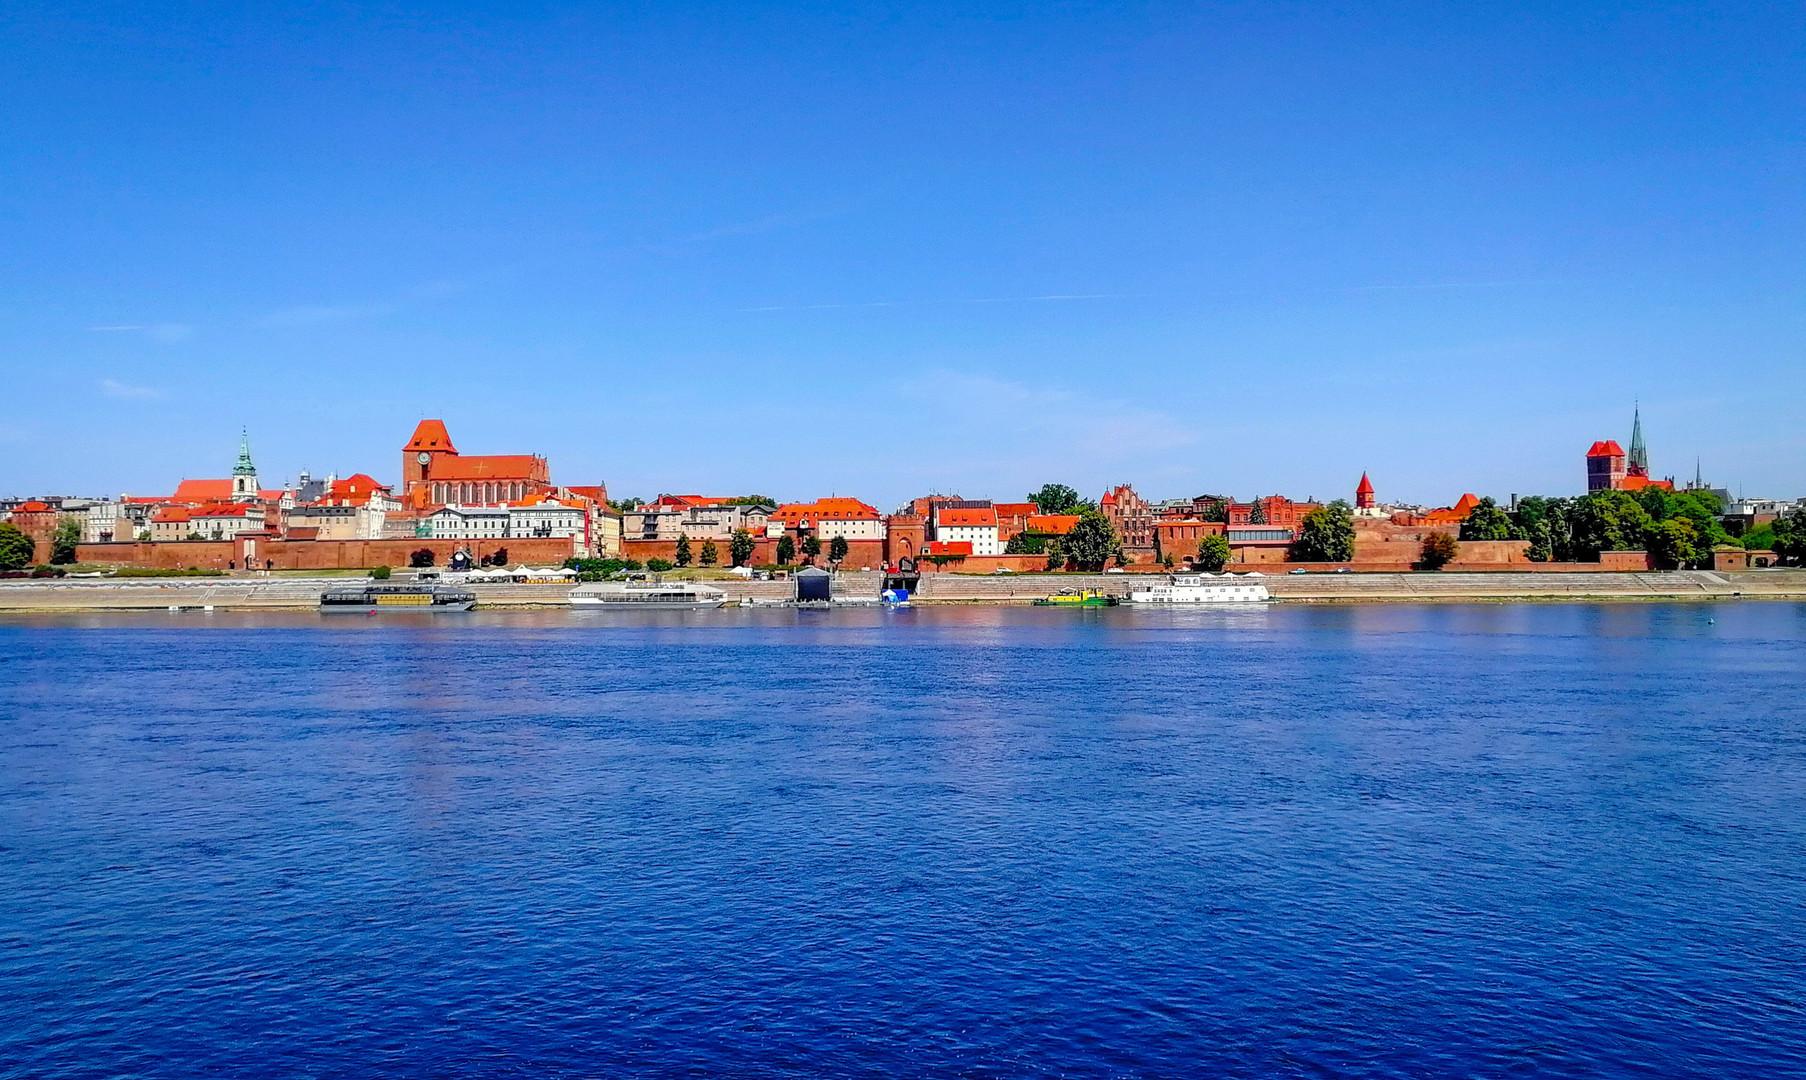 Панорама города Торунь